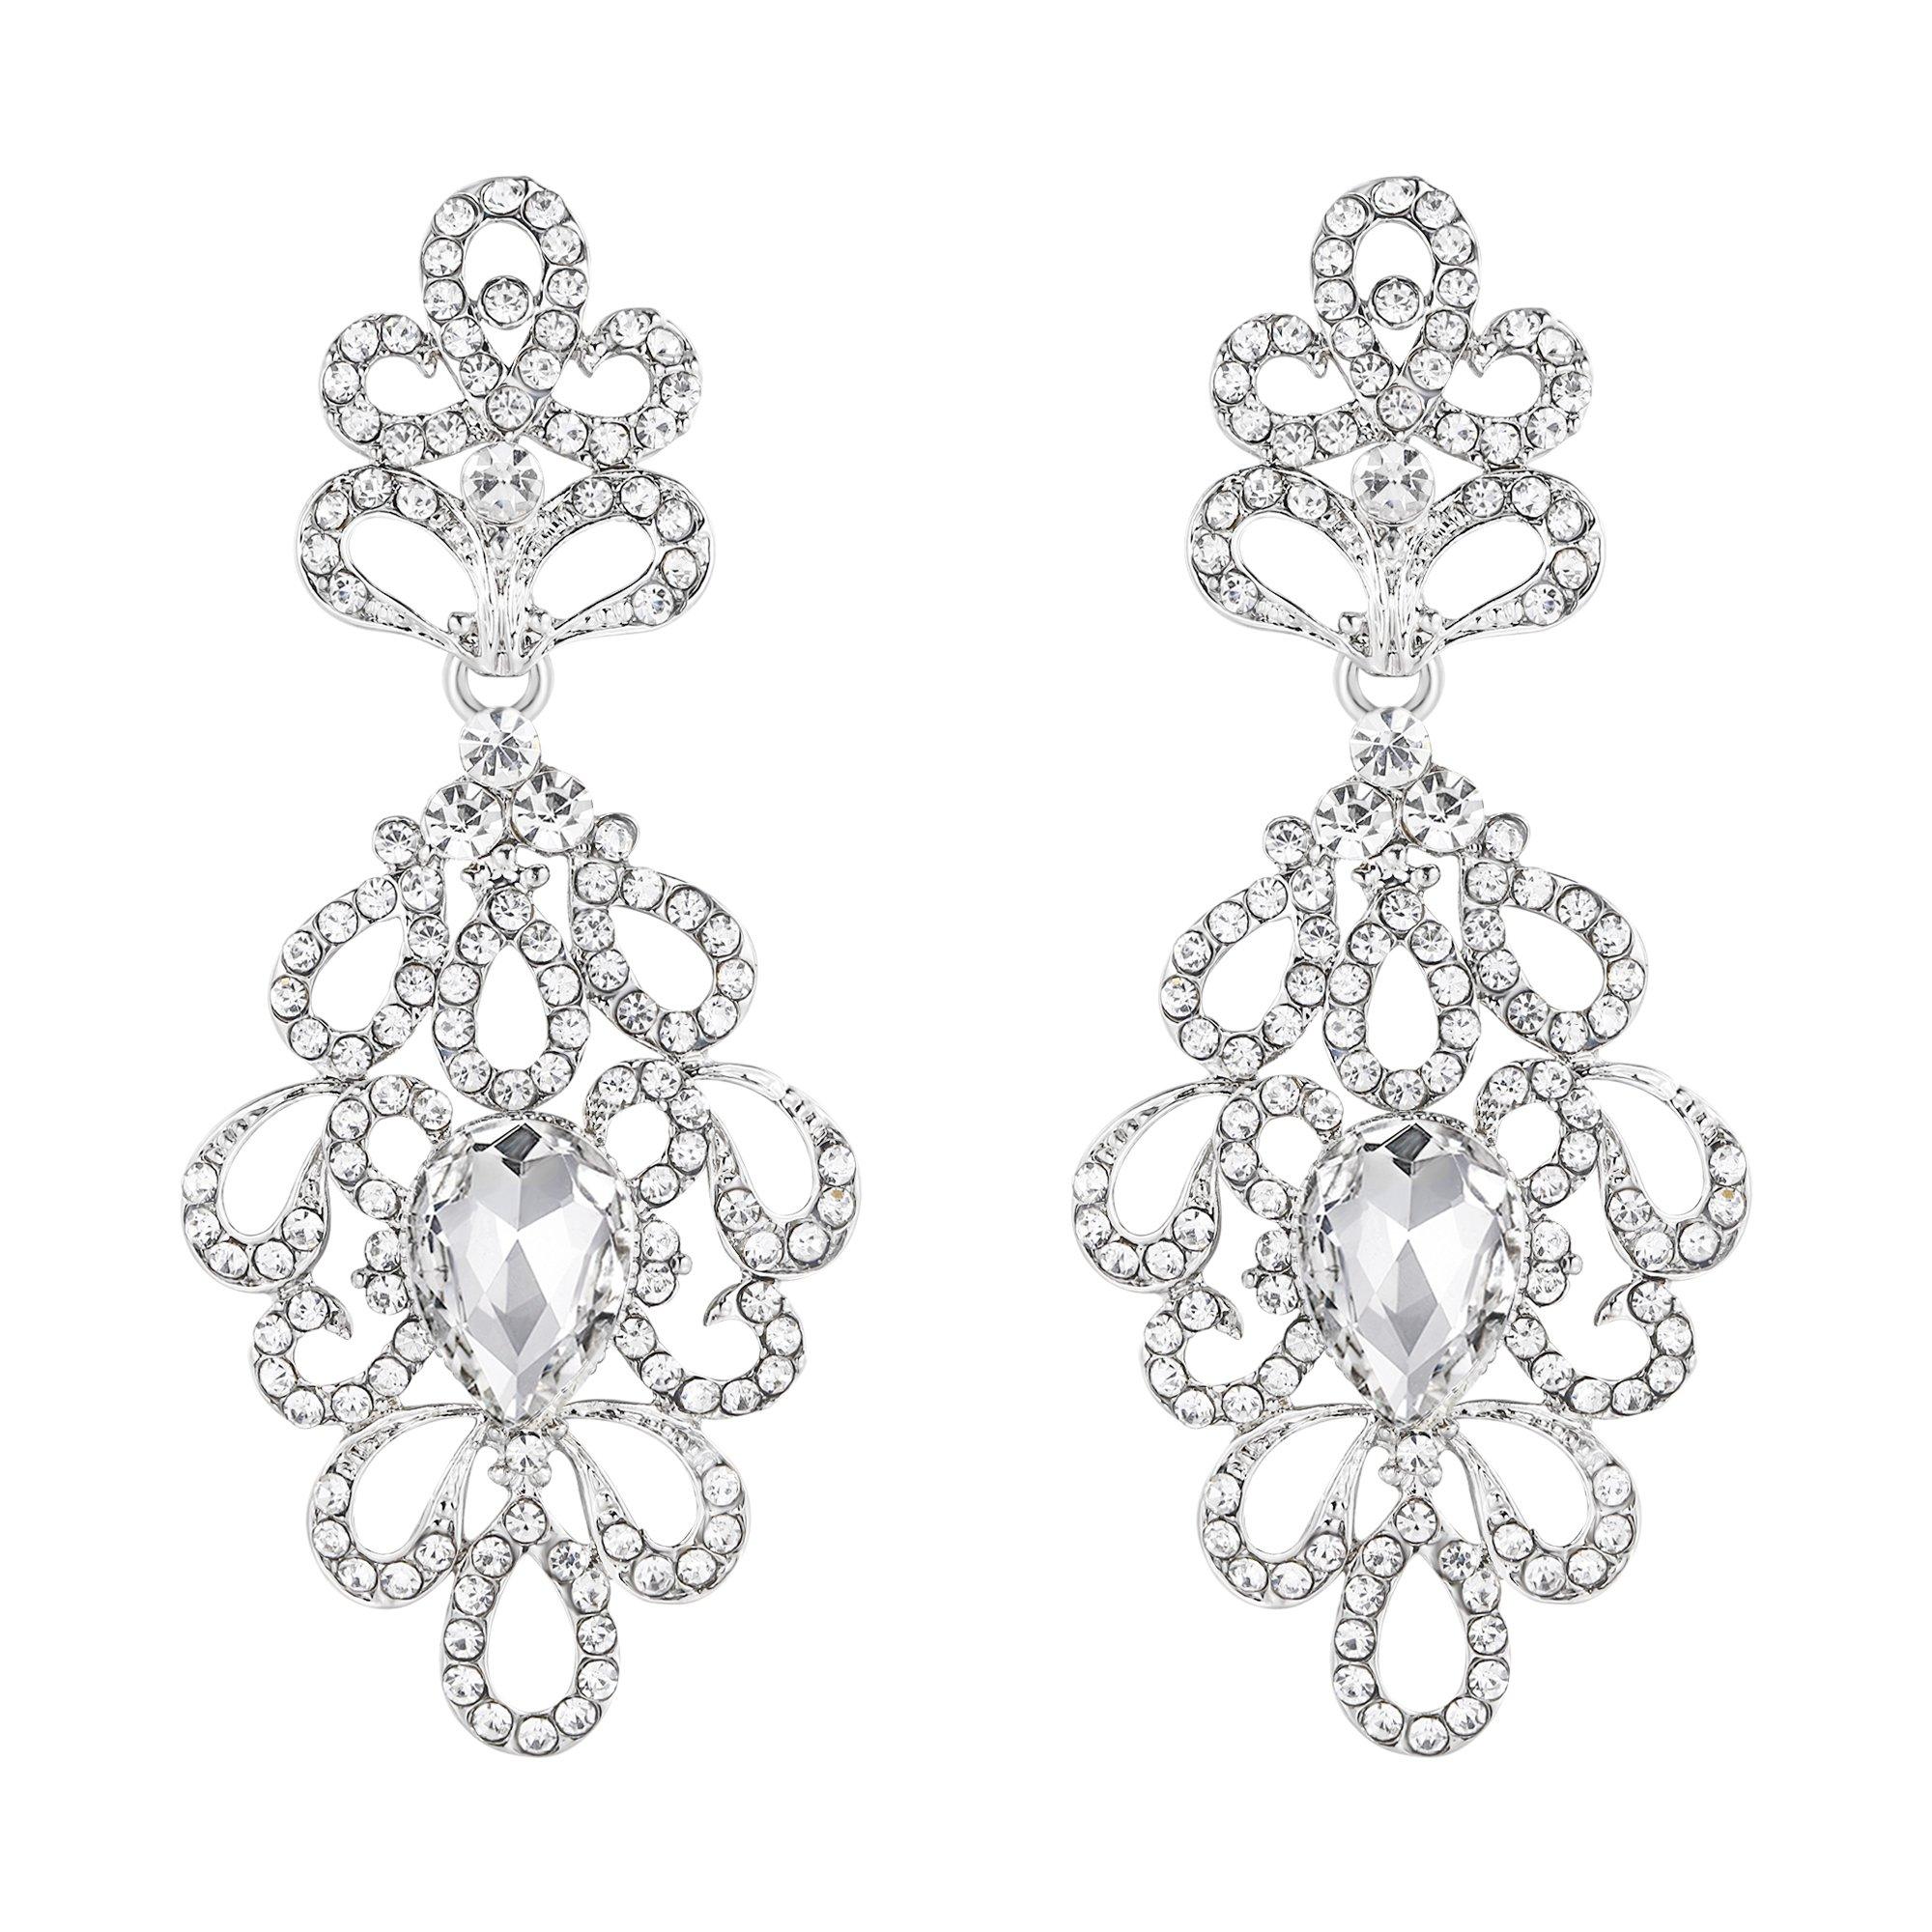 BriLove Women's Wedding Bridal Dangle Earrings Vintage Style Floral Hollow Crystal Teardrop Chandelier Earrings Clear Silver-Tone